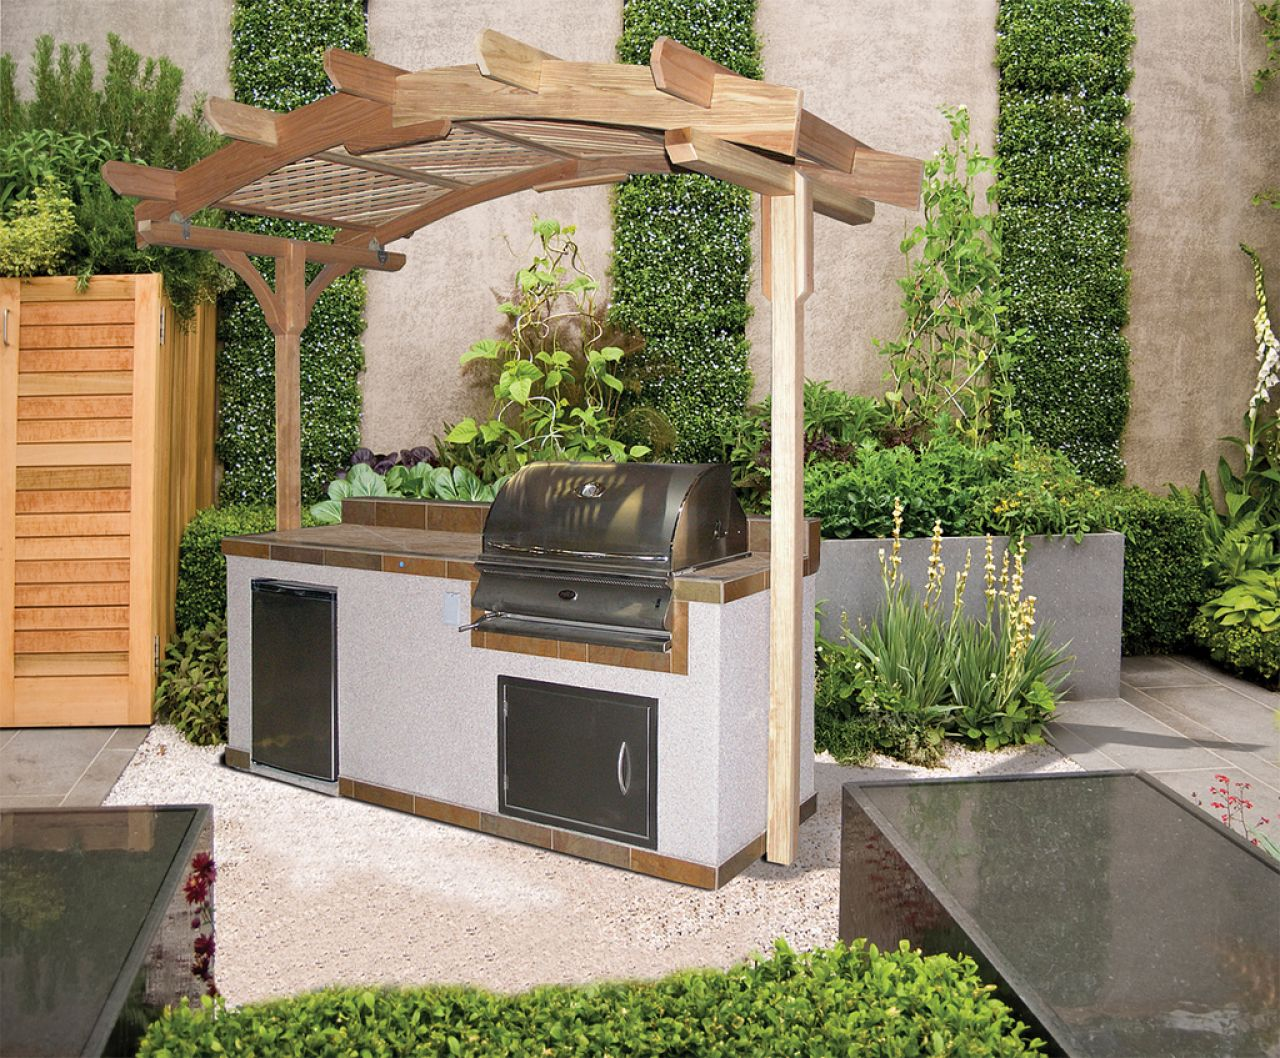 Outdoor Küche Mobil Selber Bauen : Mobile outdoor küche selber bauen garten elektro outdoorküche